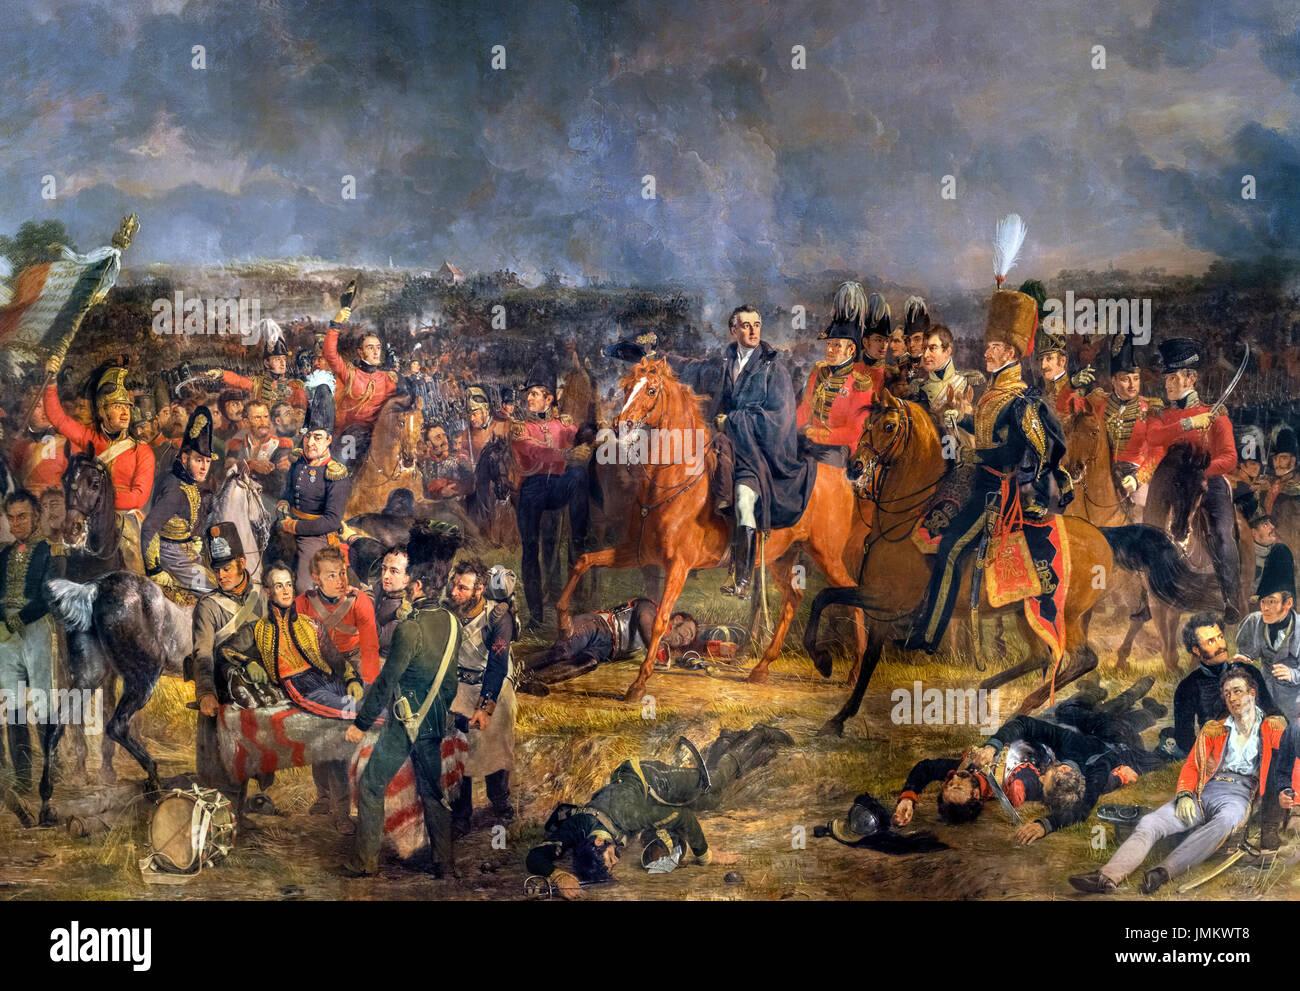 La batalla de Waterloo por Jan Willem Pieneman (1779-1853), óleo sobre lienzo, 1824. La pintura muestra al duque de Wellington, a caballo en el centro de la imagen, en un momento decisivo en la batalla de Waterloo, el 18 de junio de 1815. Guillermo, Príncipe de Orange, aparece herido en una camilla en el primer plano. Imagen De Stock